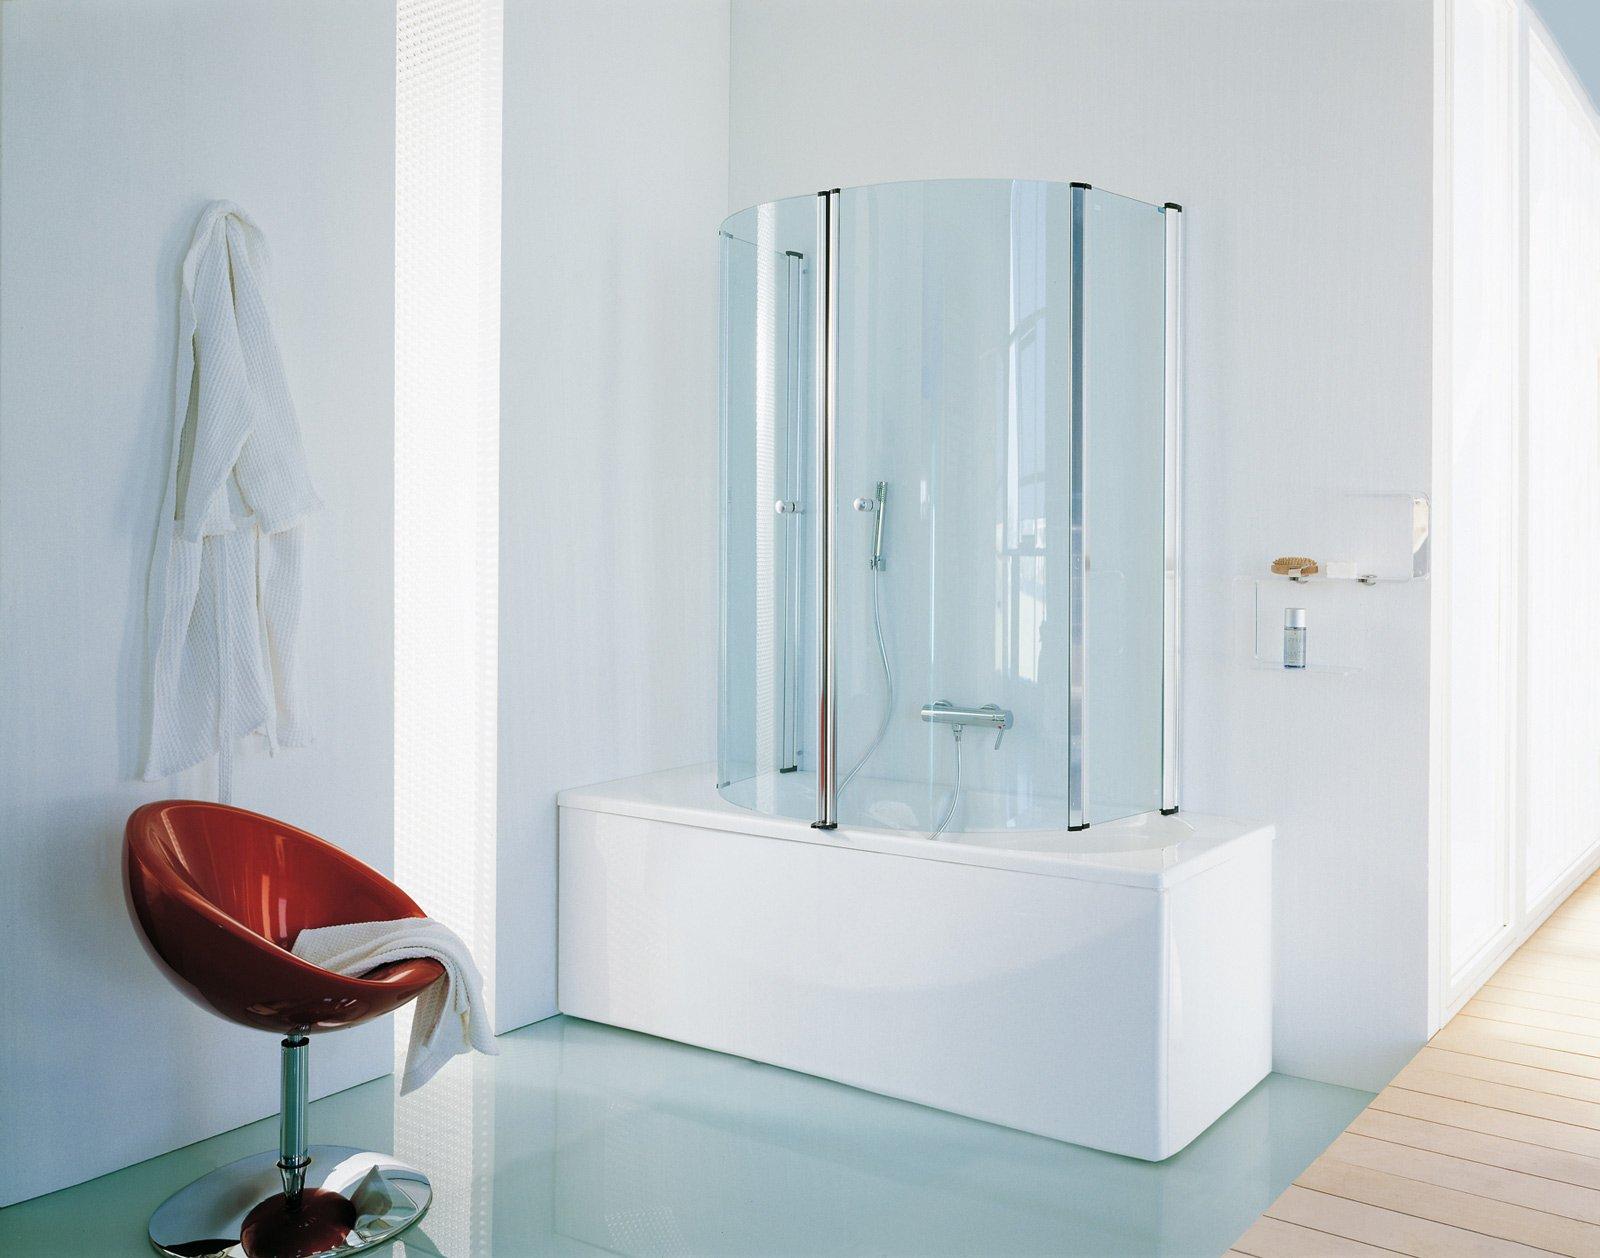 Vasca e doccia insieme cose di casa - Da vasca da bagno a doccia ...